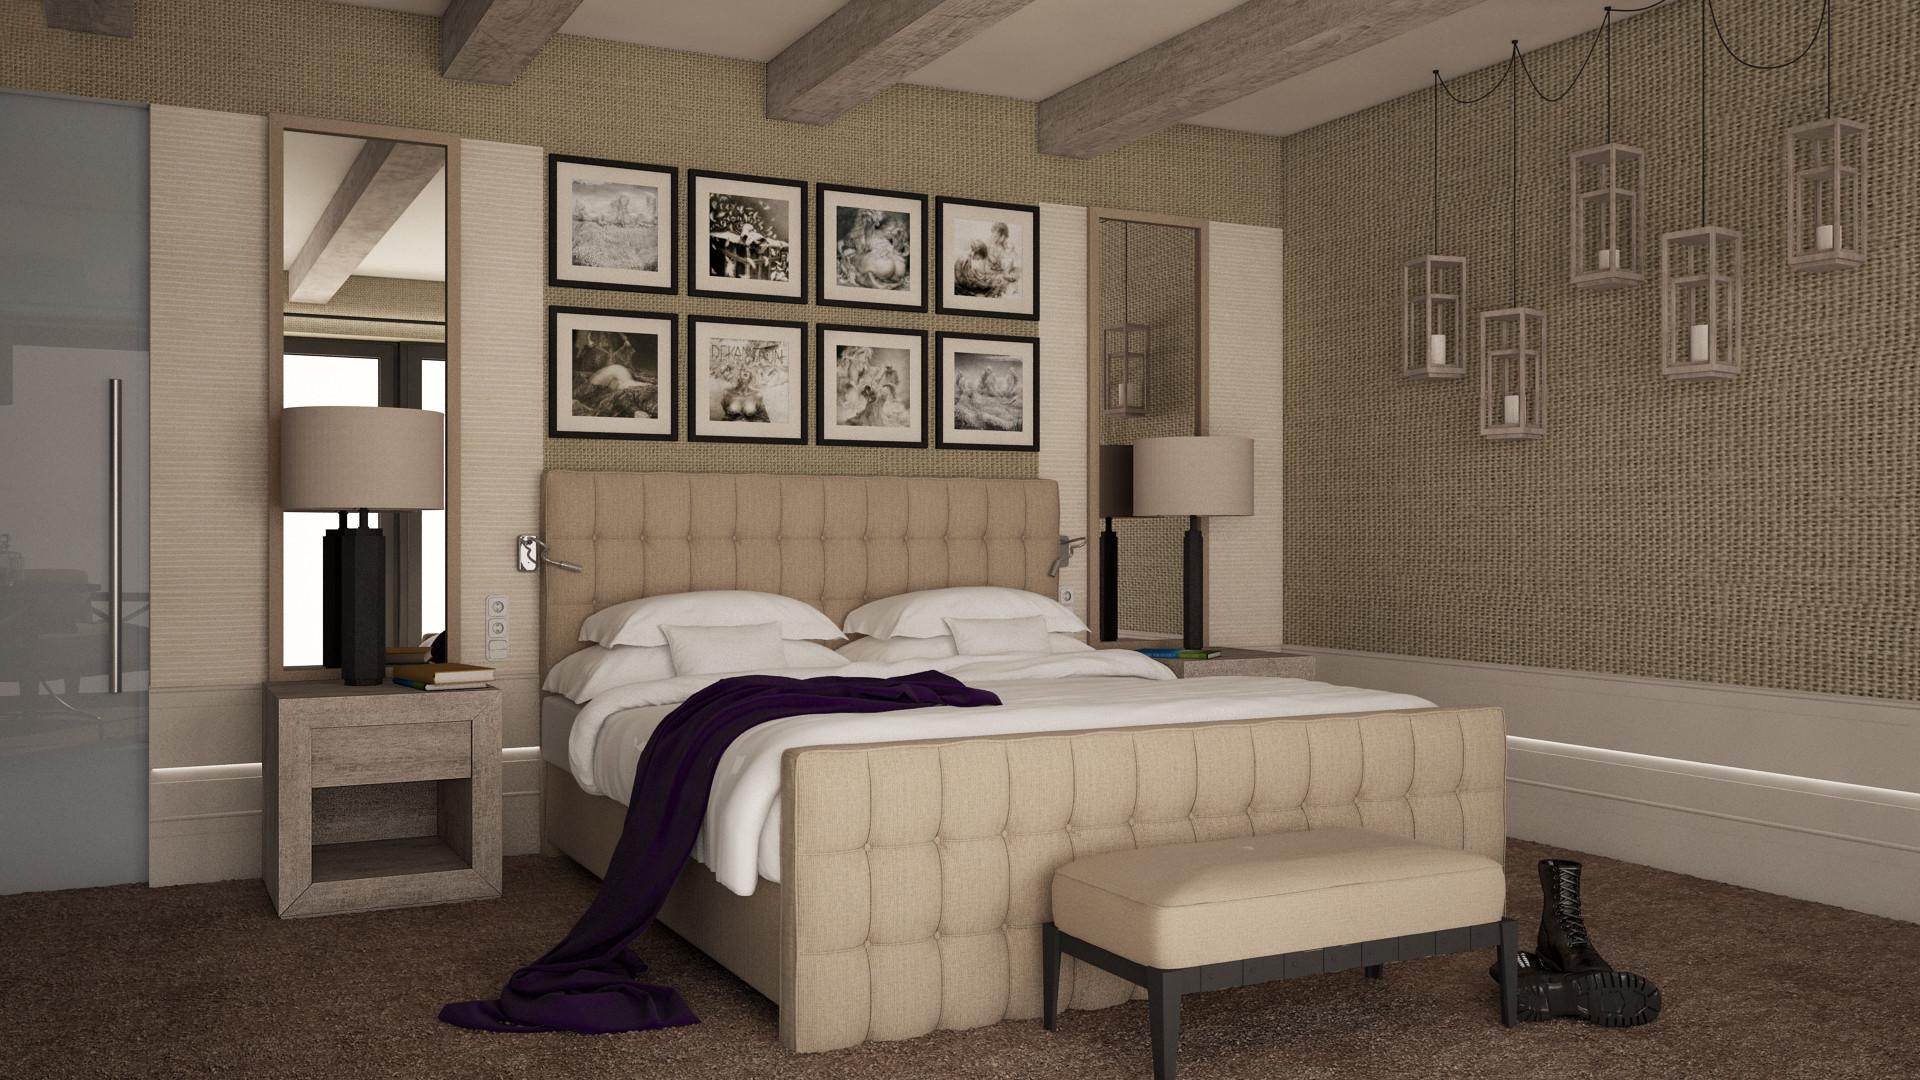 Pawel oleskow wizualizacja sypialnia 02